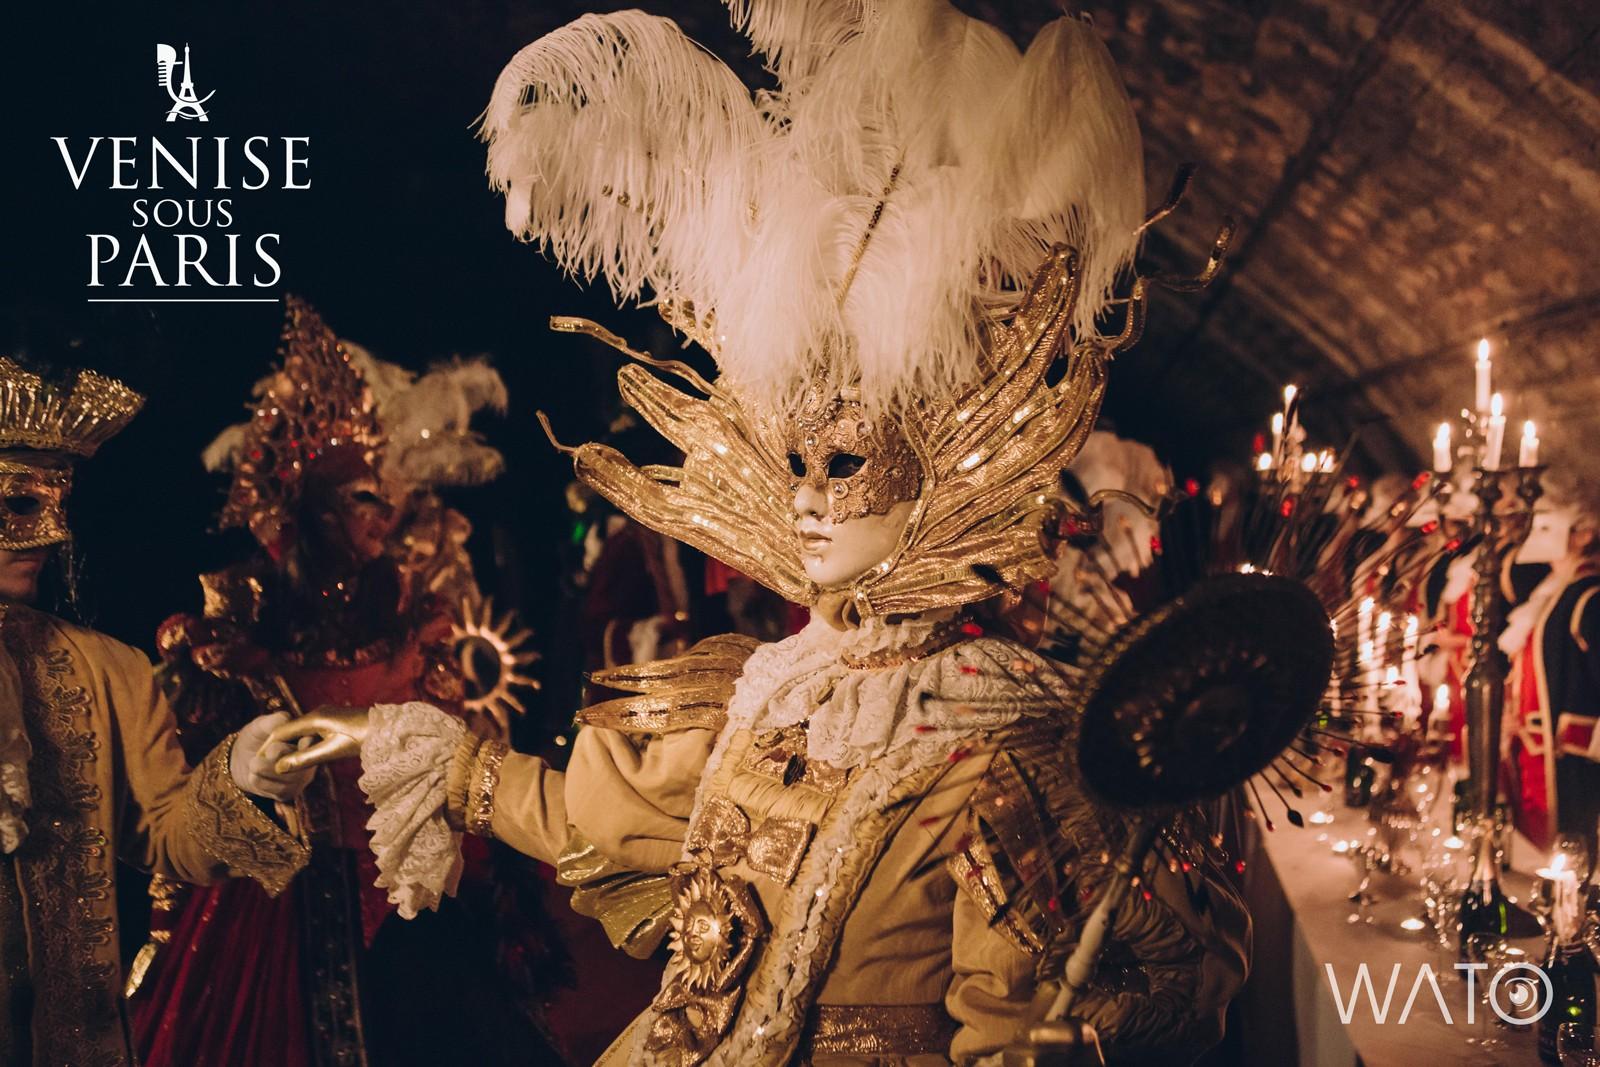 Venise sous paris wato évènement we are the oracle réservation fête soirée paris janvier 2016